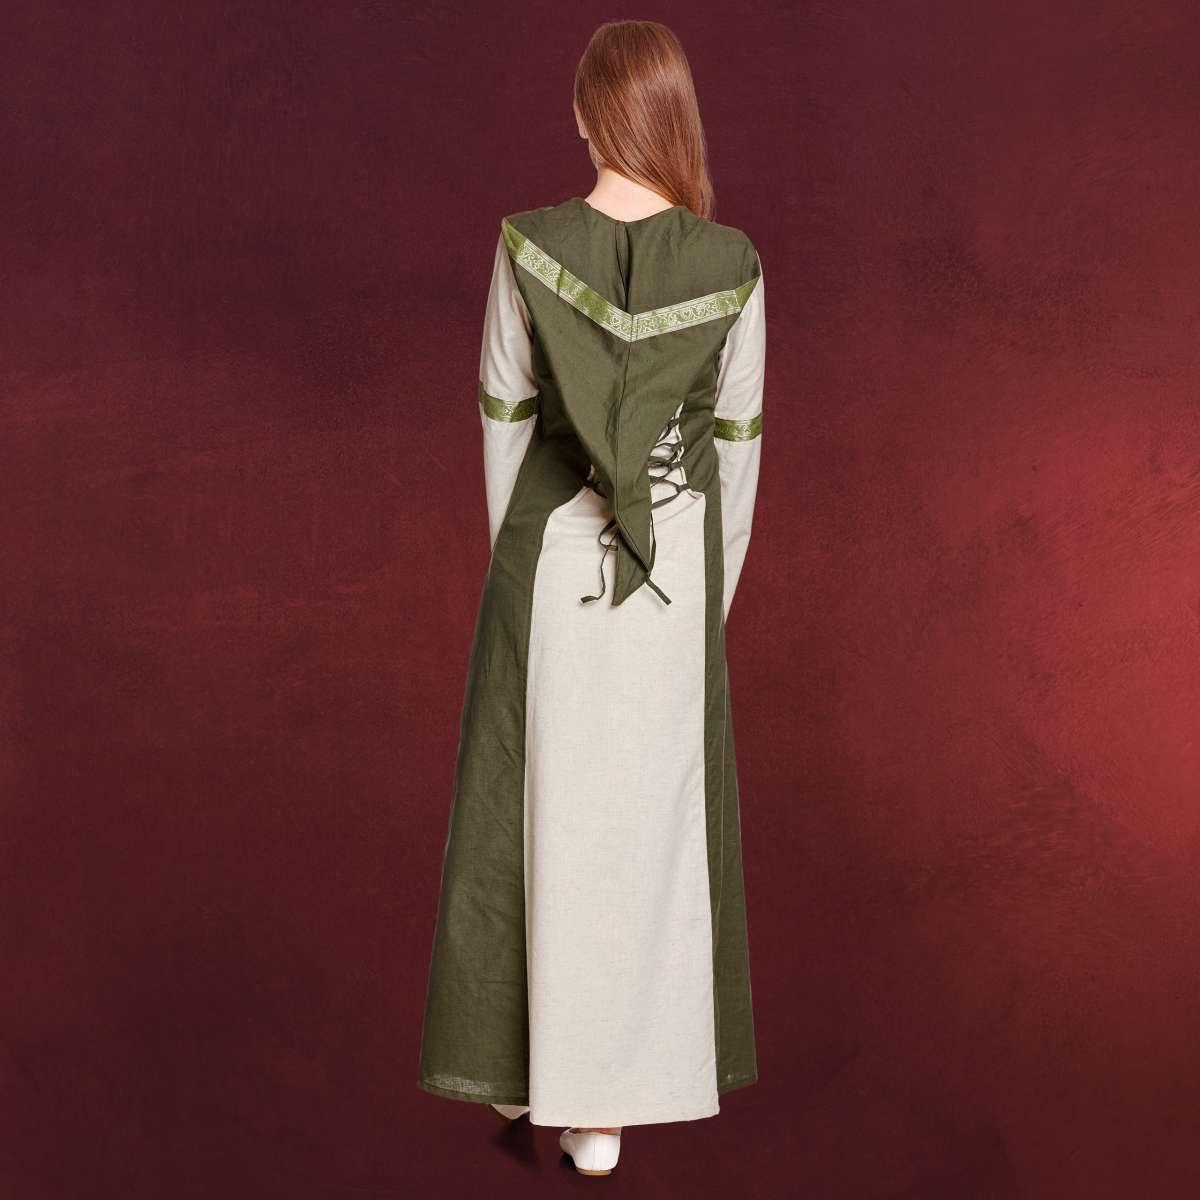 rebecca mittelalter kleid natur-grün | elbenwald